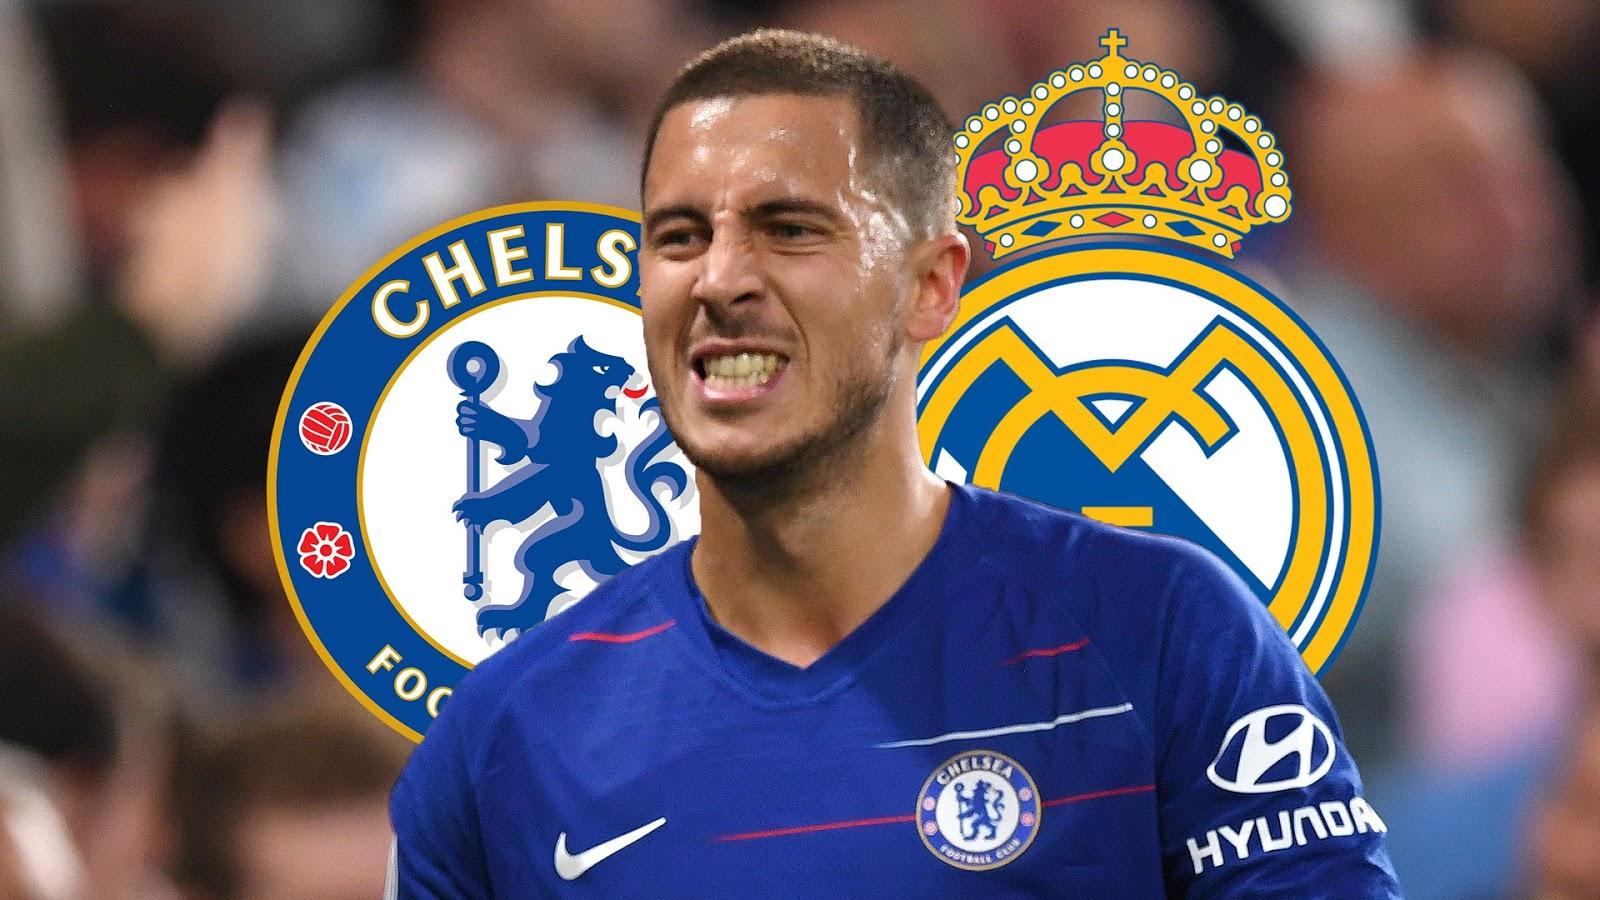 Hazard probable salida Chelsea